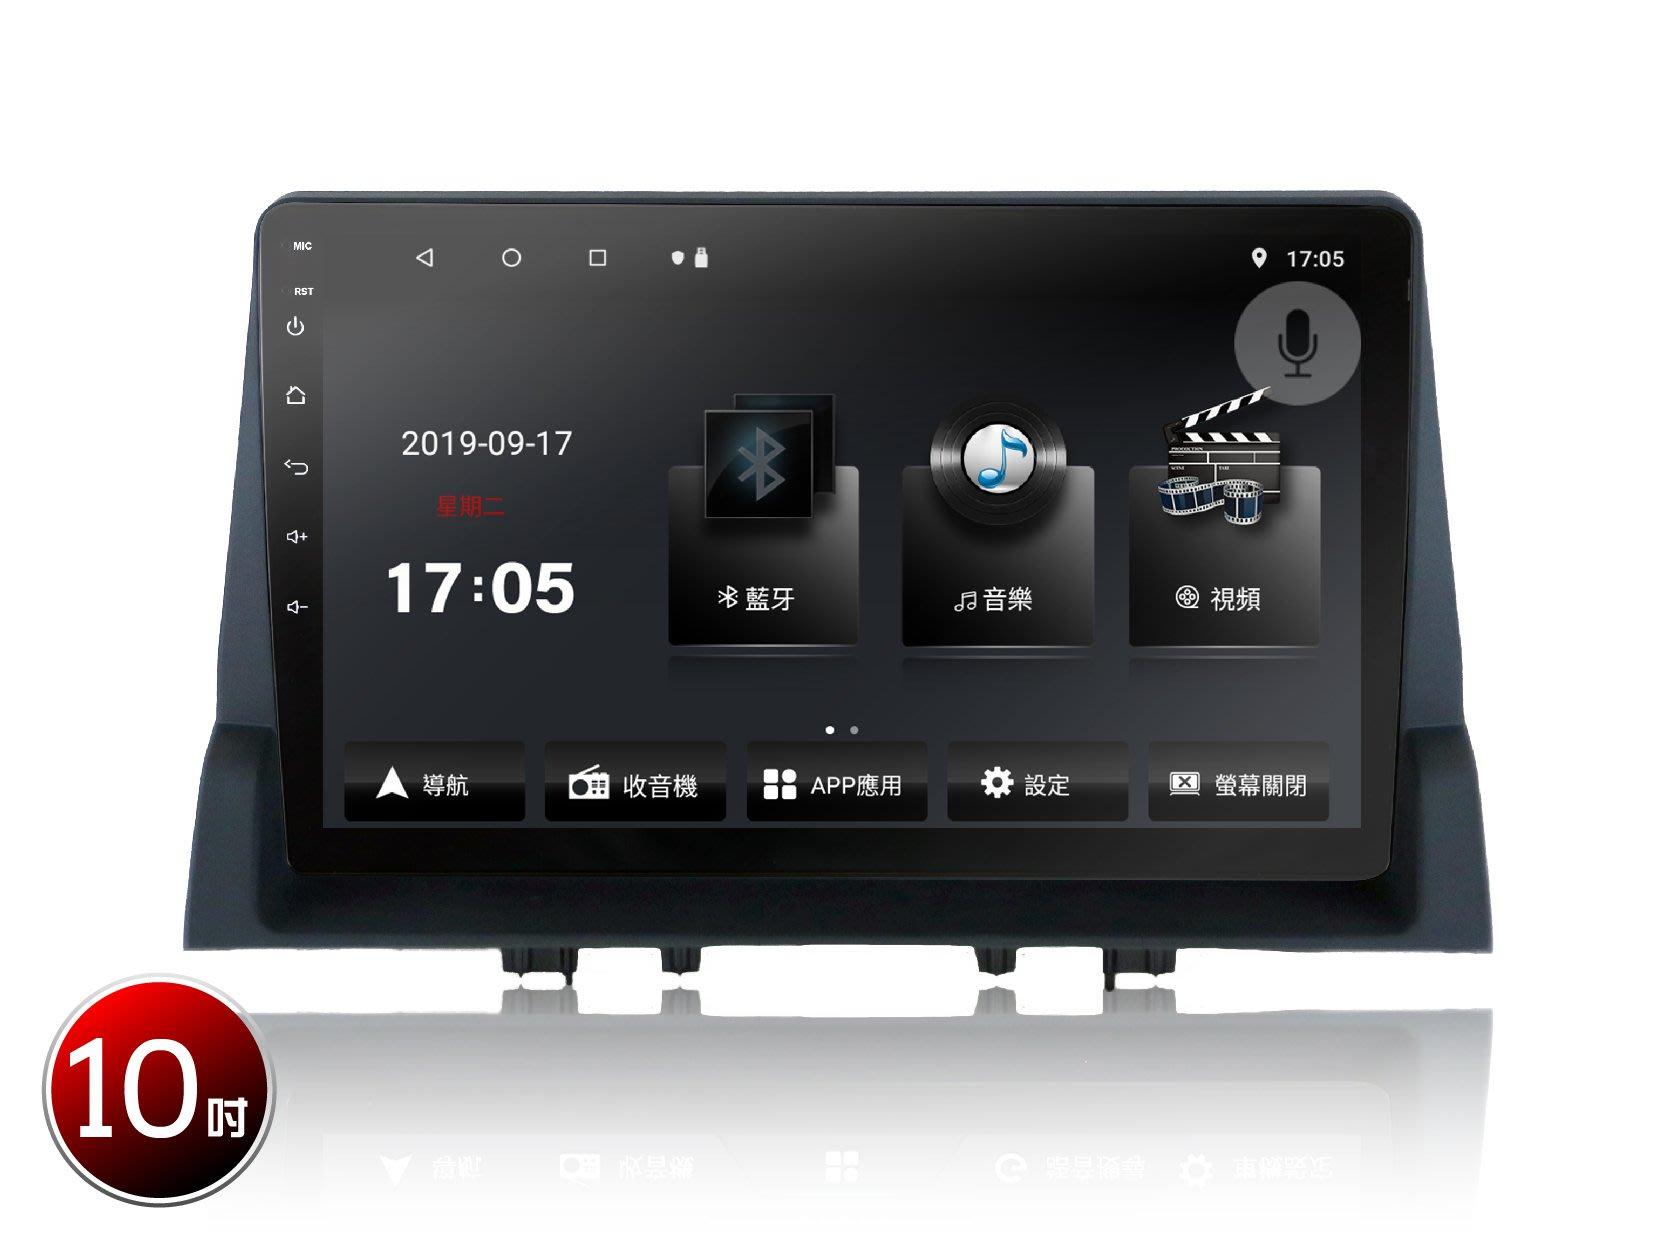 【全昇音響 】MAZDA6 V33 10吋專用機 八核心 G+G雙層鋼化玻璃 支援AHD鏡頭 可以相容市售環景系統